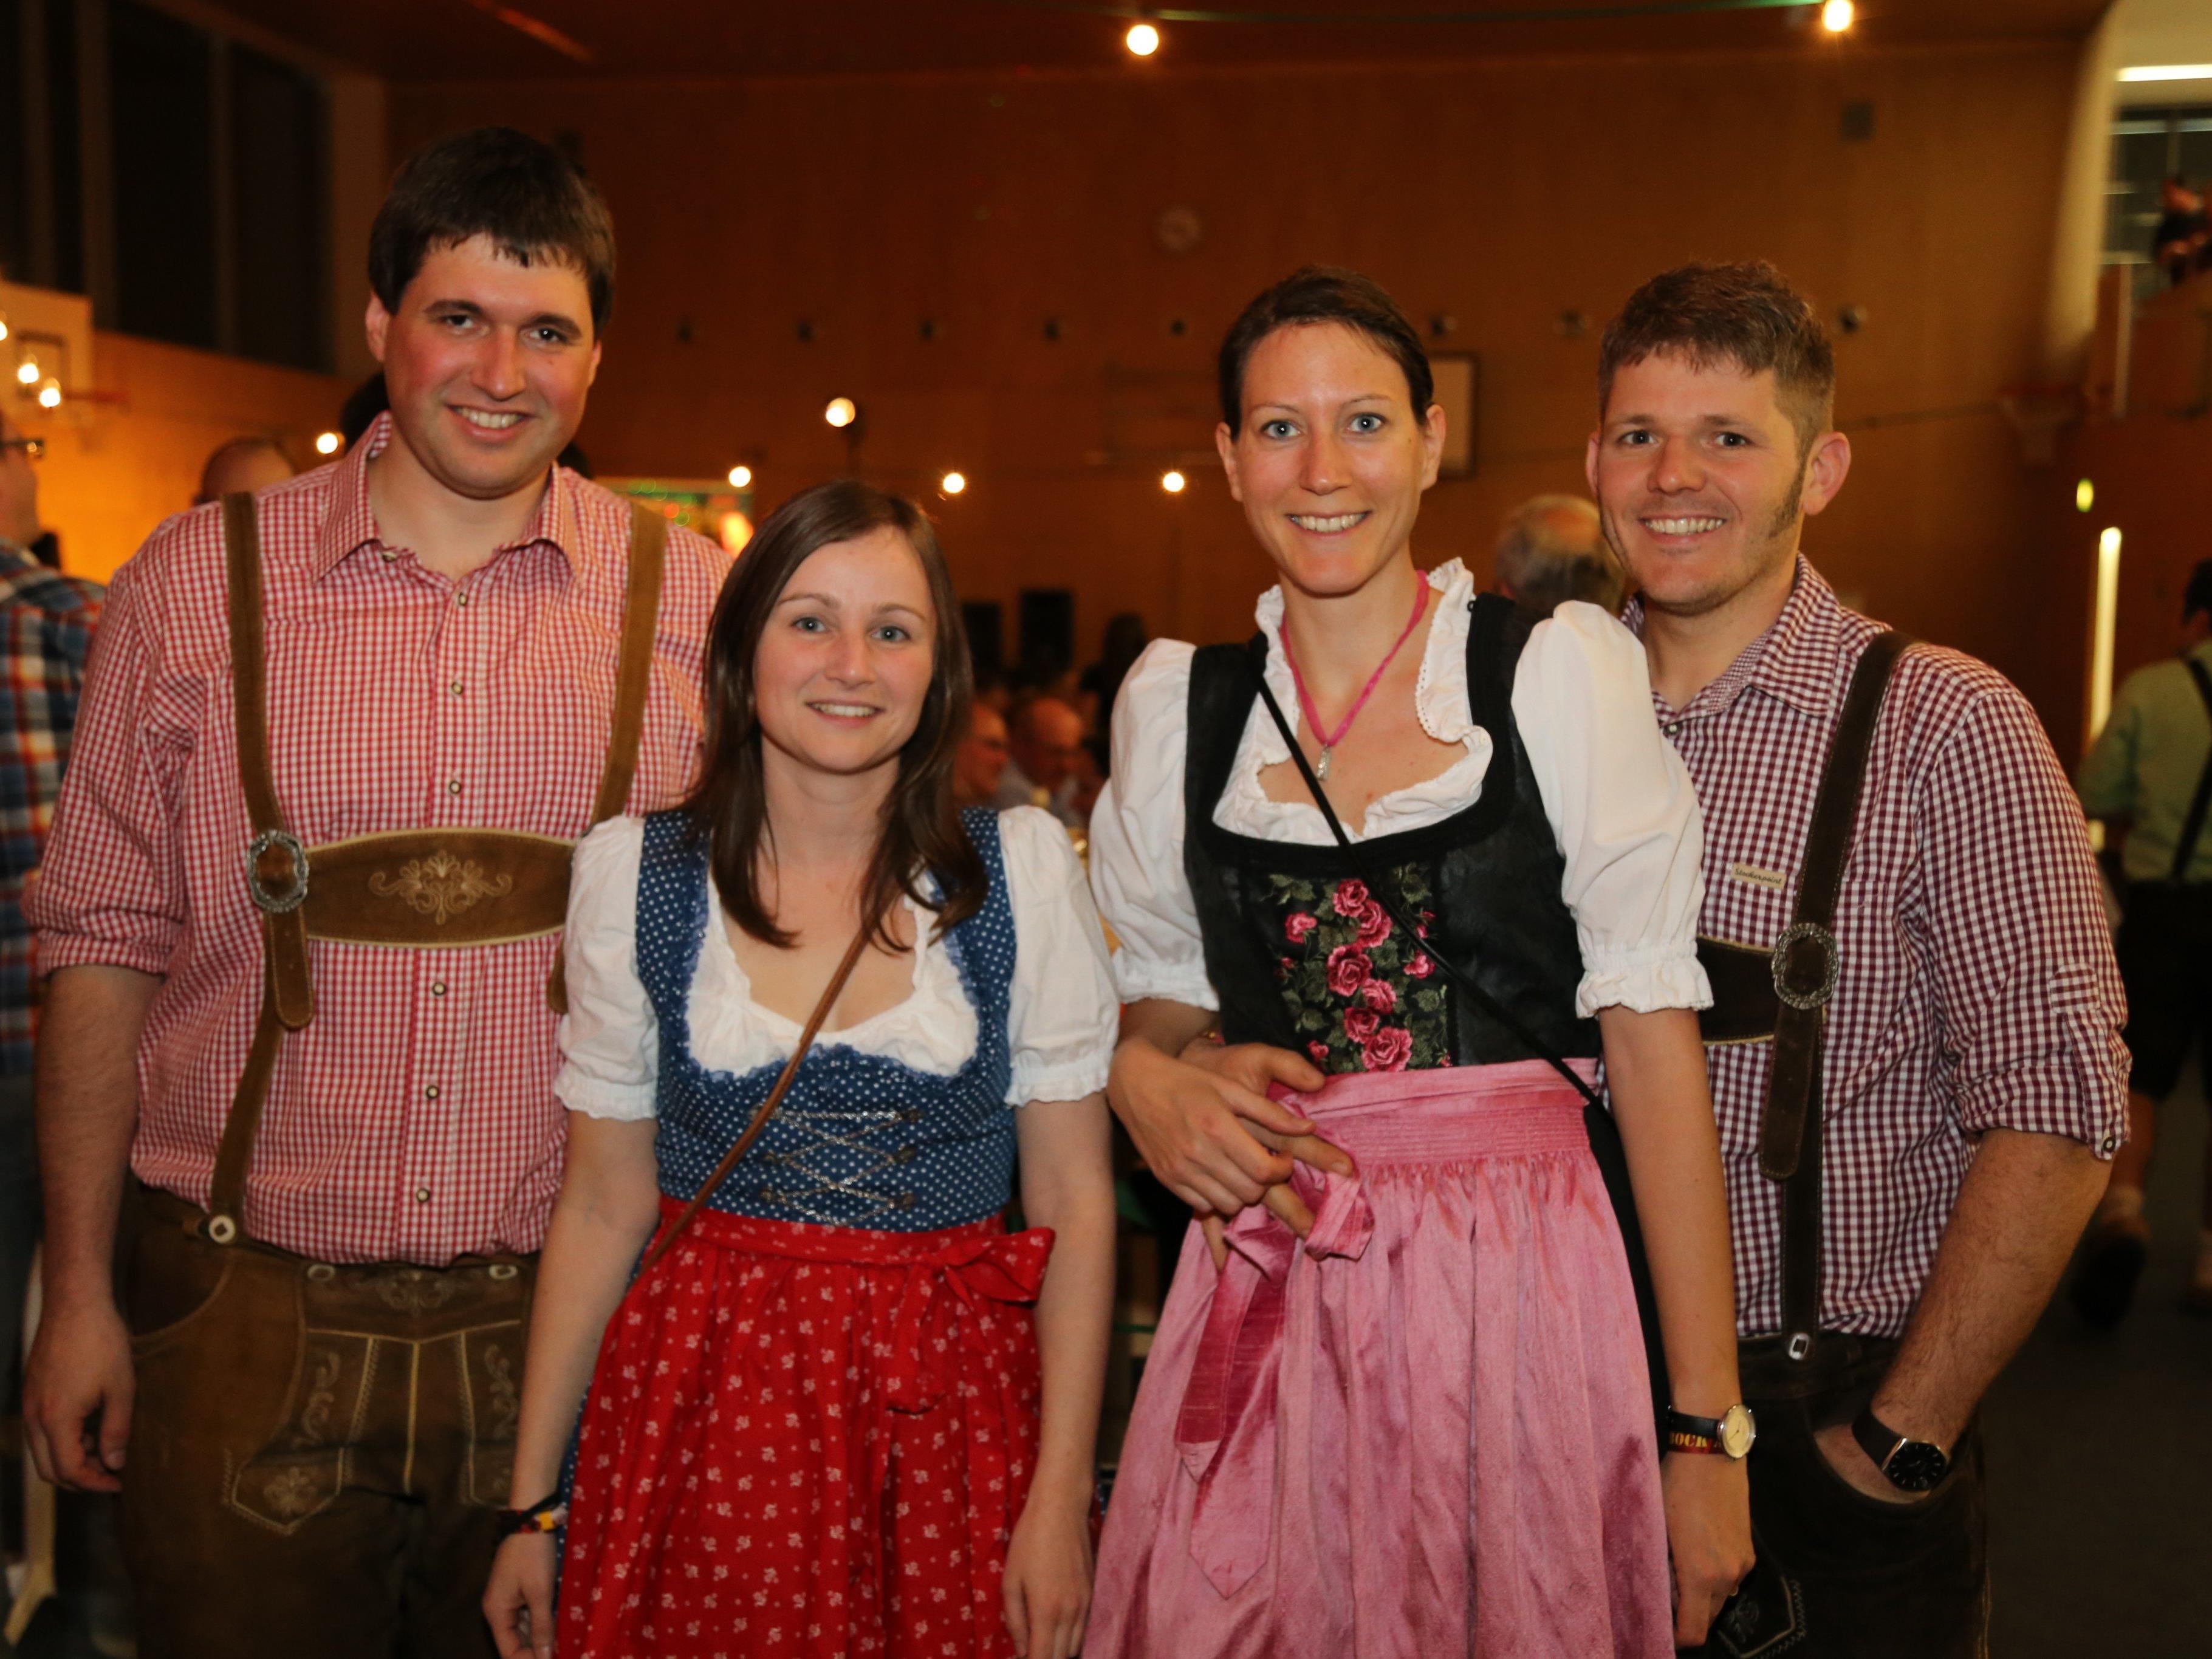 Rund 200 Gäste stürmten die Turnhalle in Tosters um beim zweiten Bockbierfest dabei zu sein.